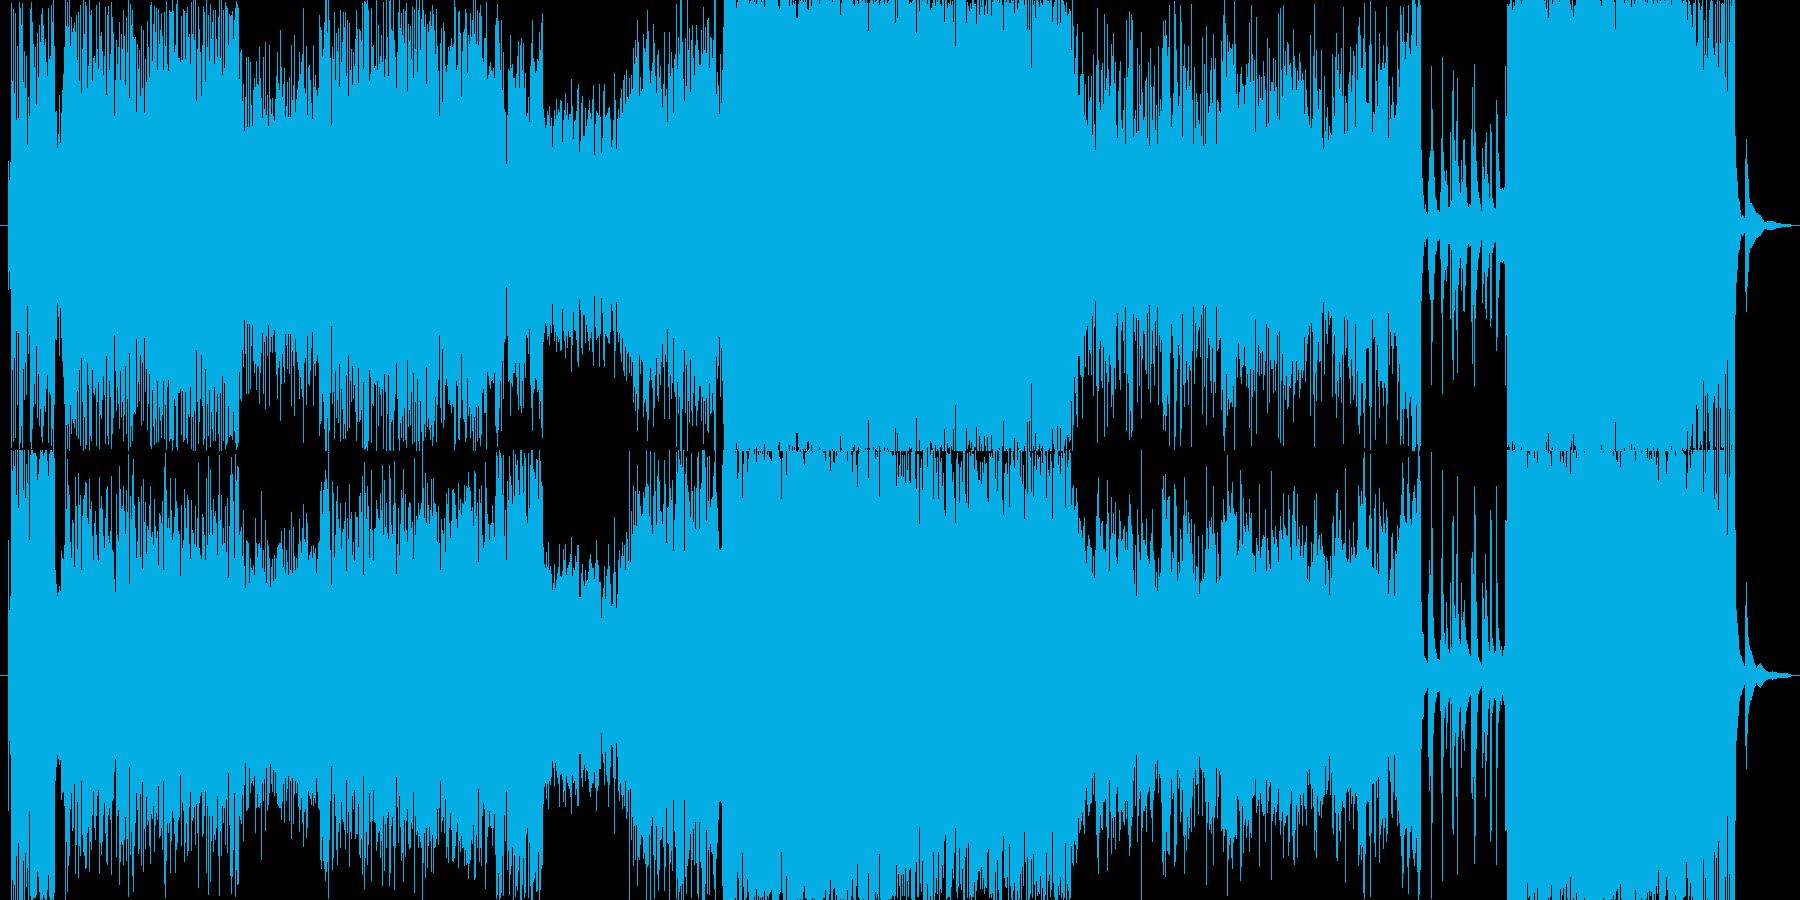 リズミカルでドラマティックな和風テクノの再生済みの波形